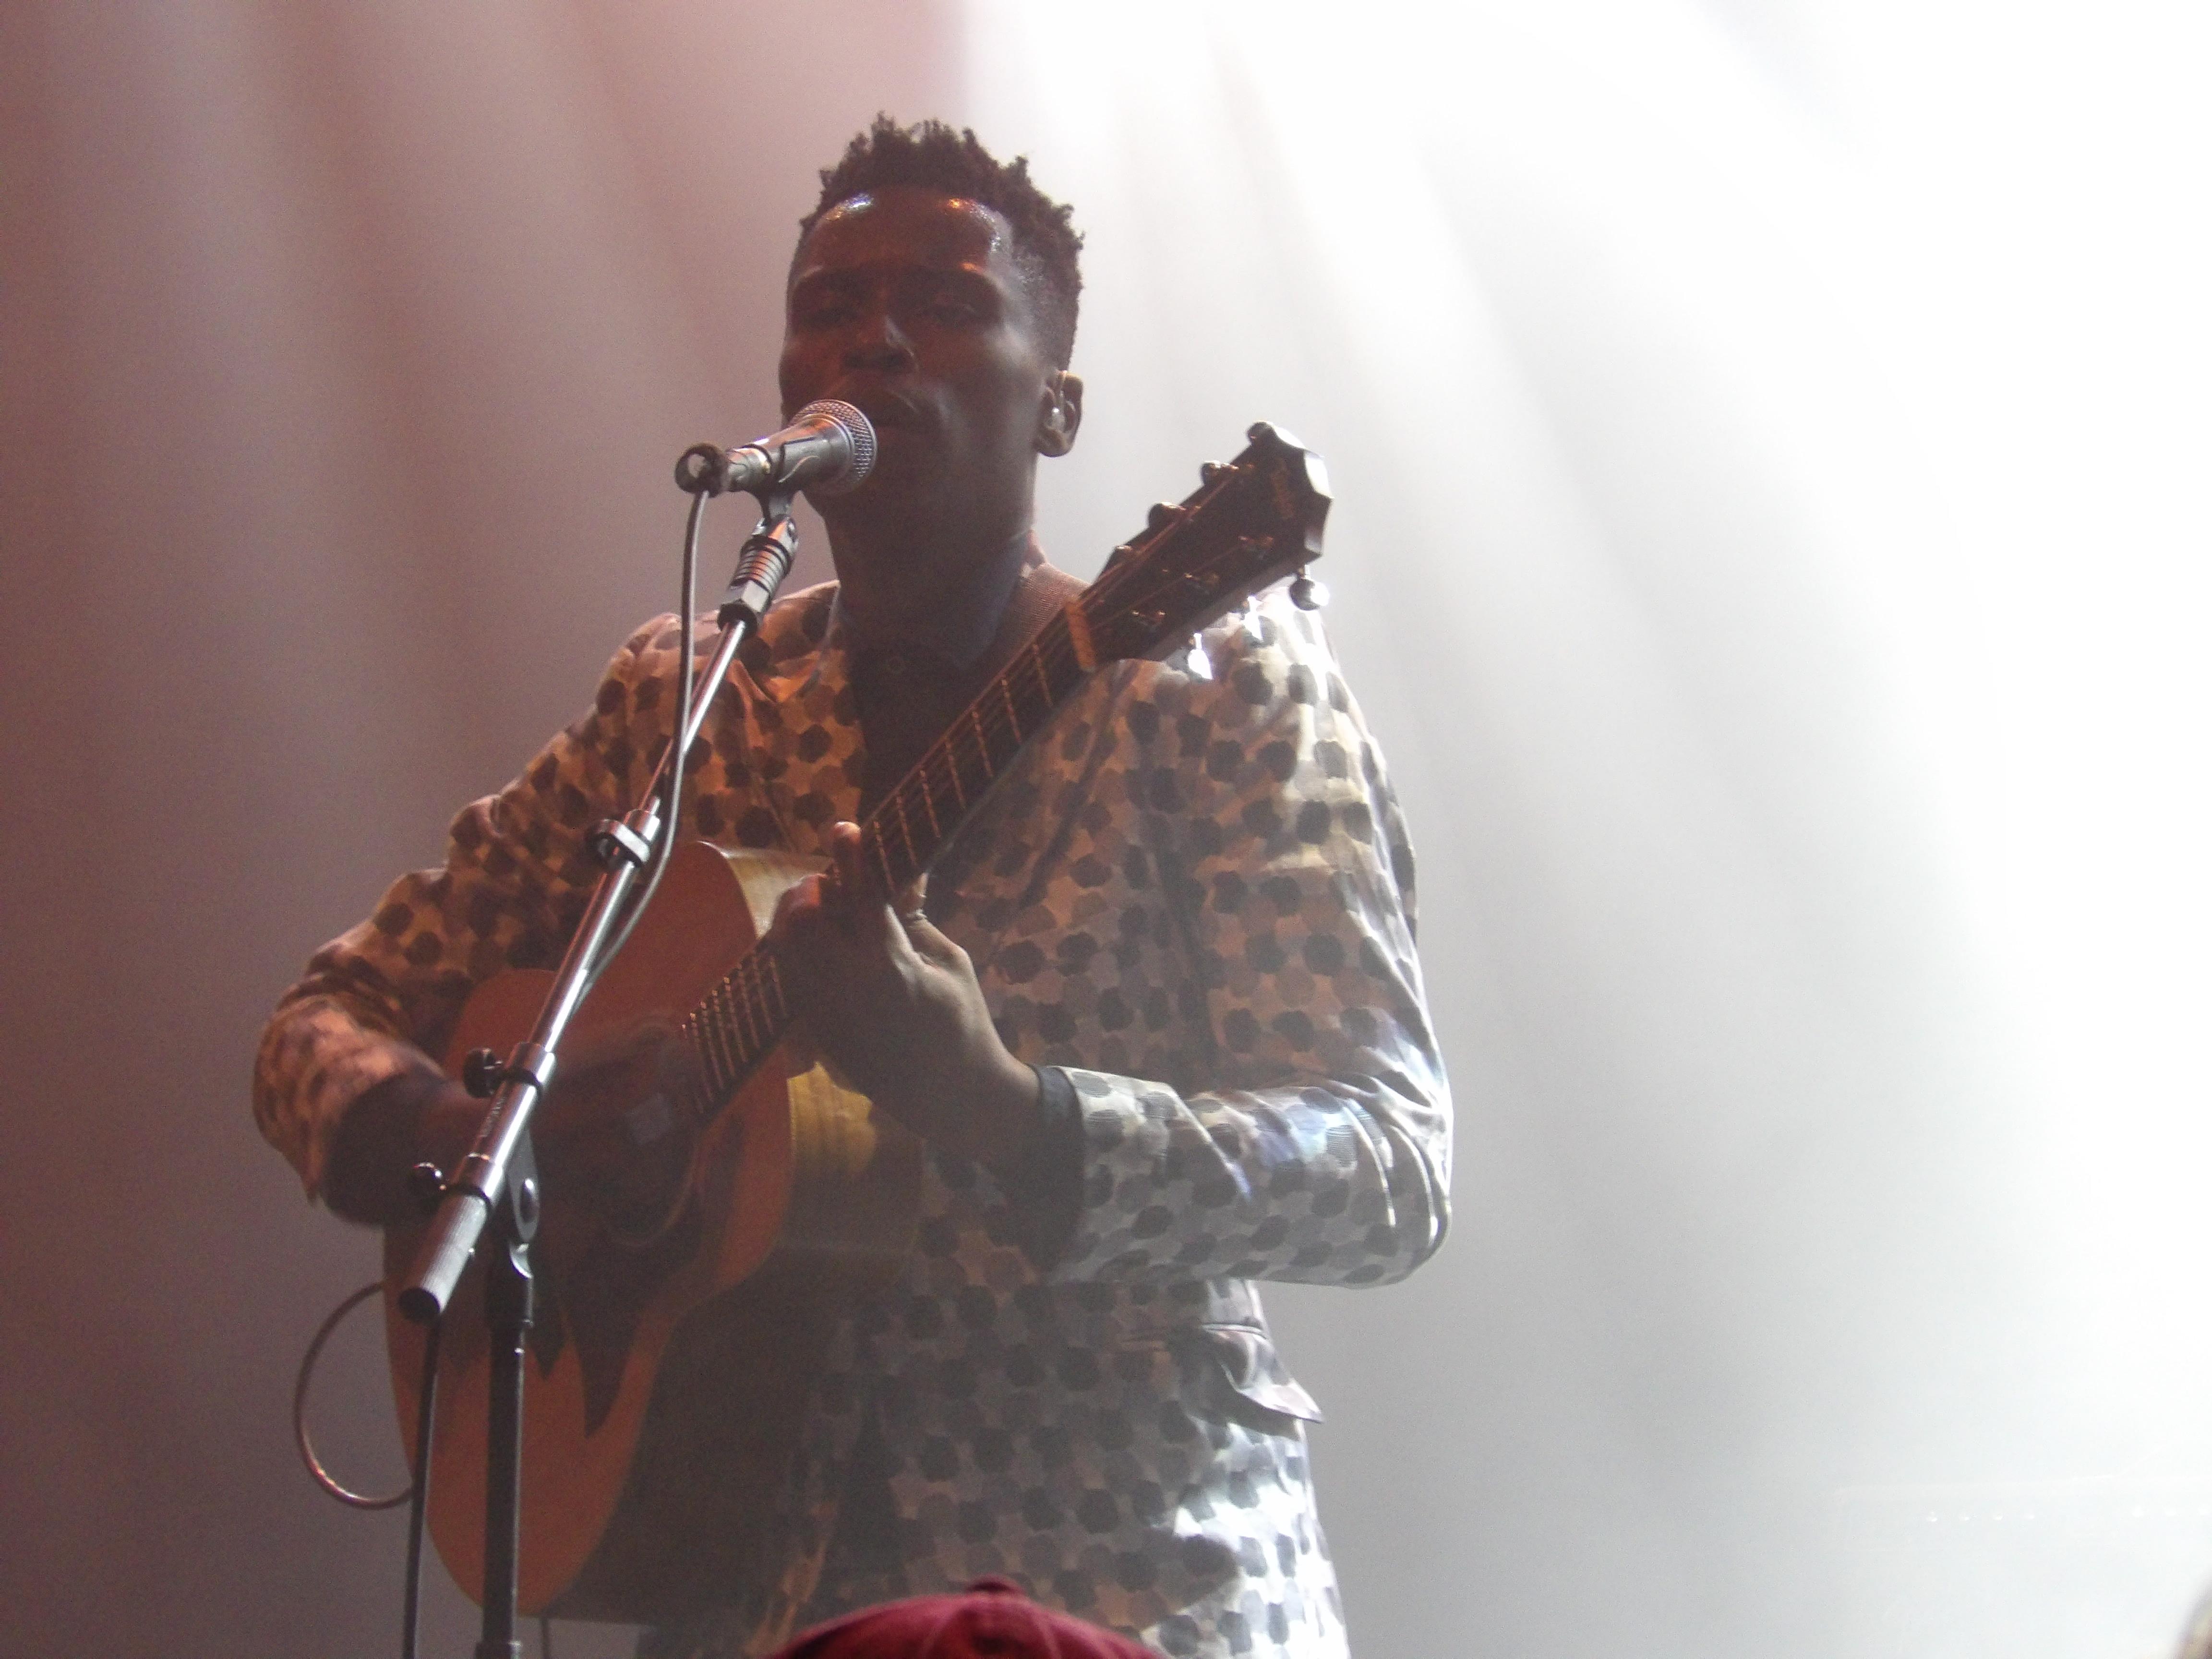 Bongeziwe sur la scène du club Tutti de la Seine musicale, samedi 6 avril 2019, dans le cadre du festival Chorus.